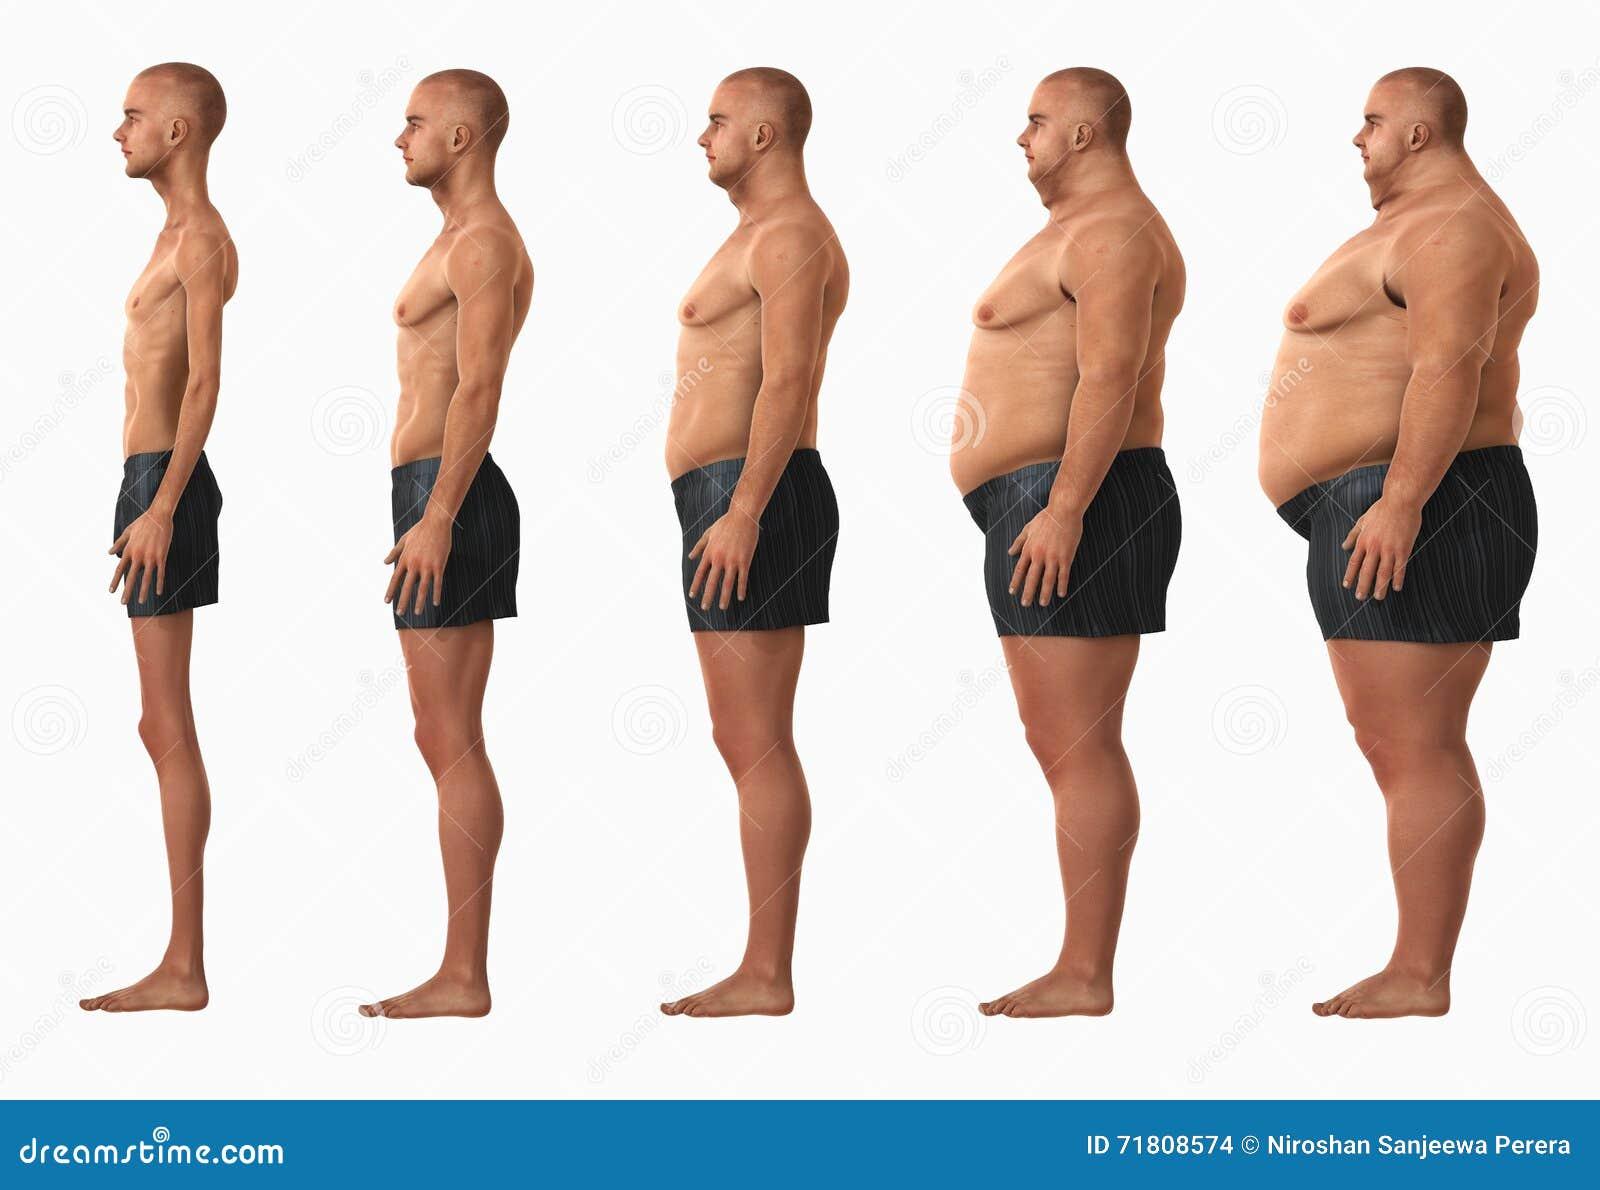 afvallen cm kilo